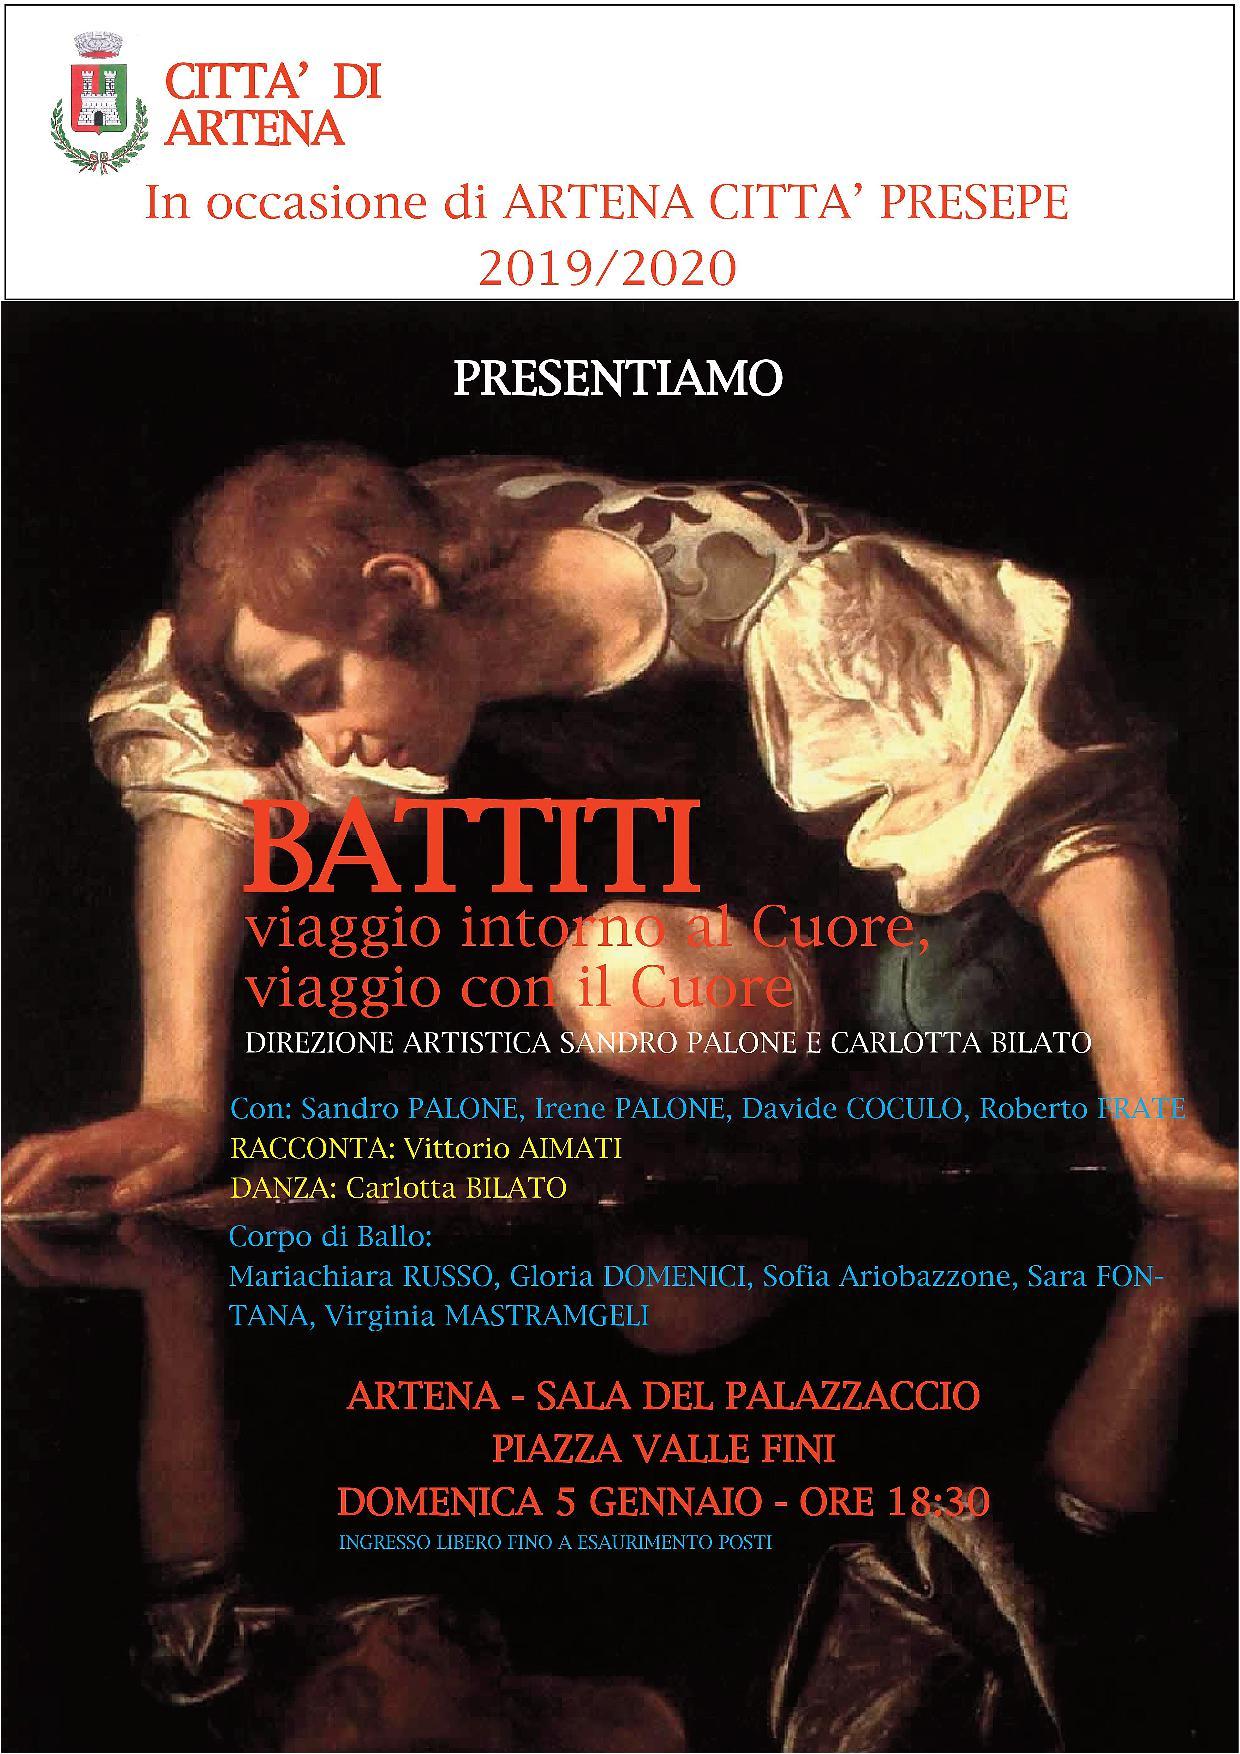 Artena: BATTITI viaggio intorno al Cuore, viaggio con il cuore @ Sala del Palazzaccio piazza Valle Fini | Artena | Lazio | Italia